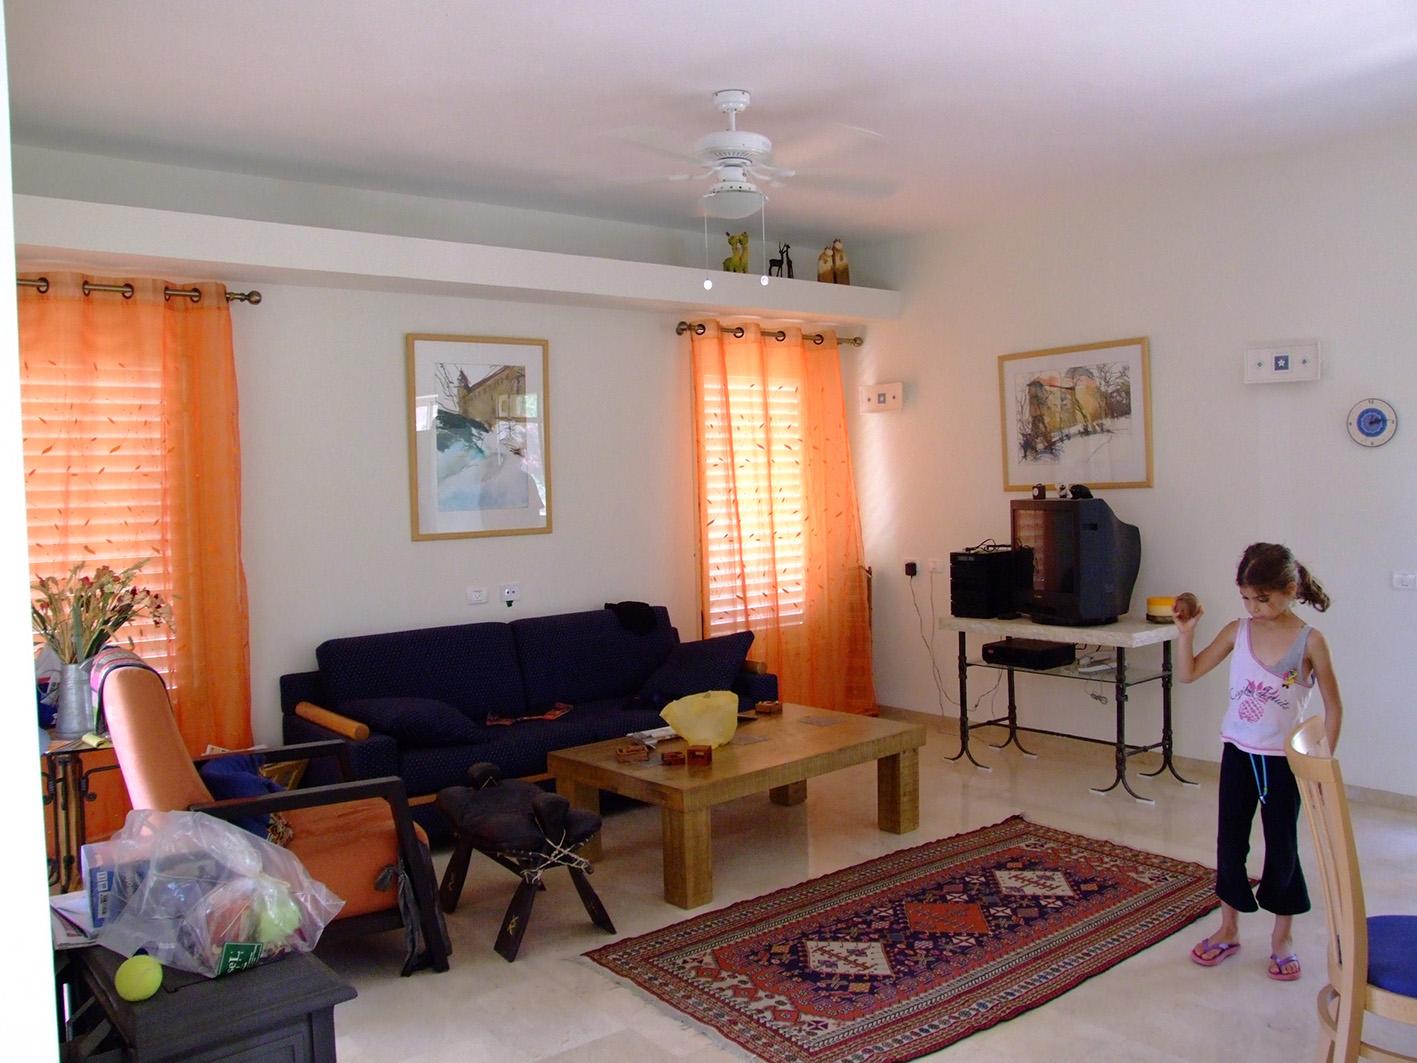 חלל מגורים בדירה בקיבוץ